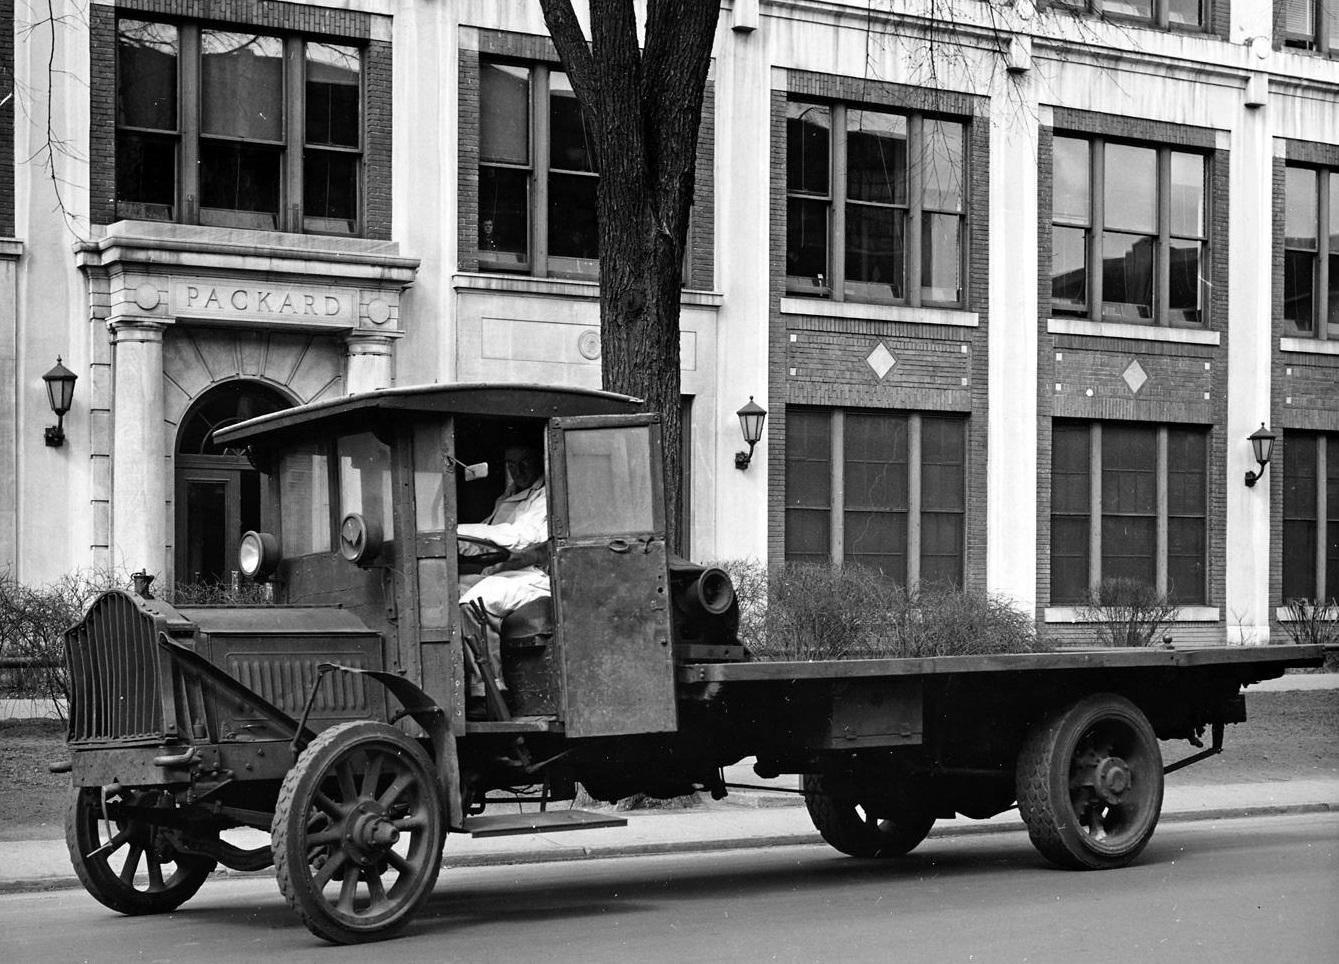 Packard-A-1924-